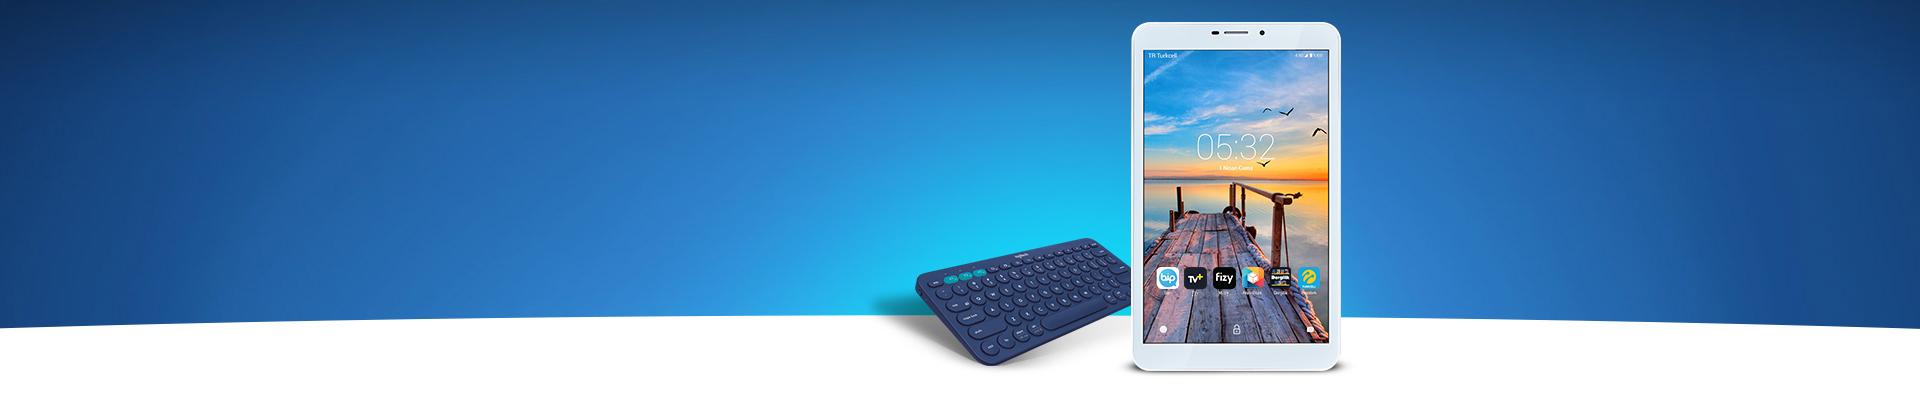 Hediyeli Tablet Kampanyası turkcell.com.tr'den tablet alan herkese kablosuz klavye ve ekran koruyucu hediye!